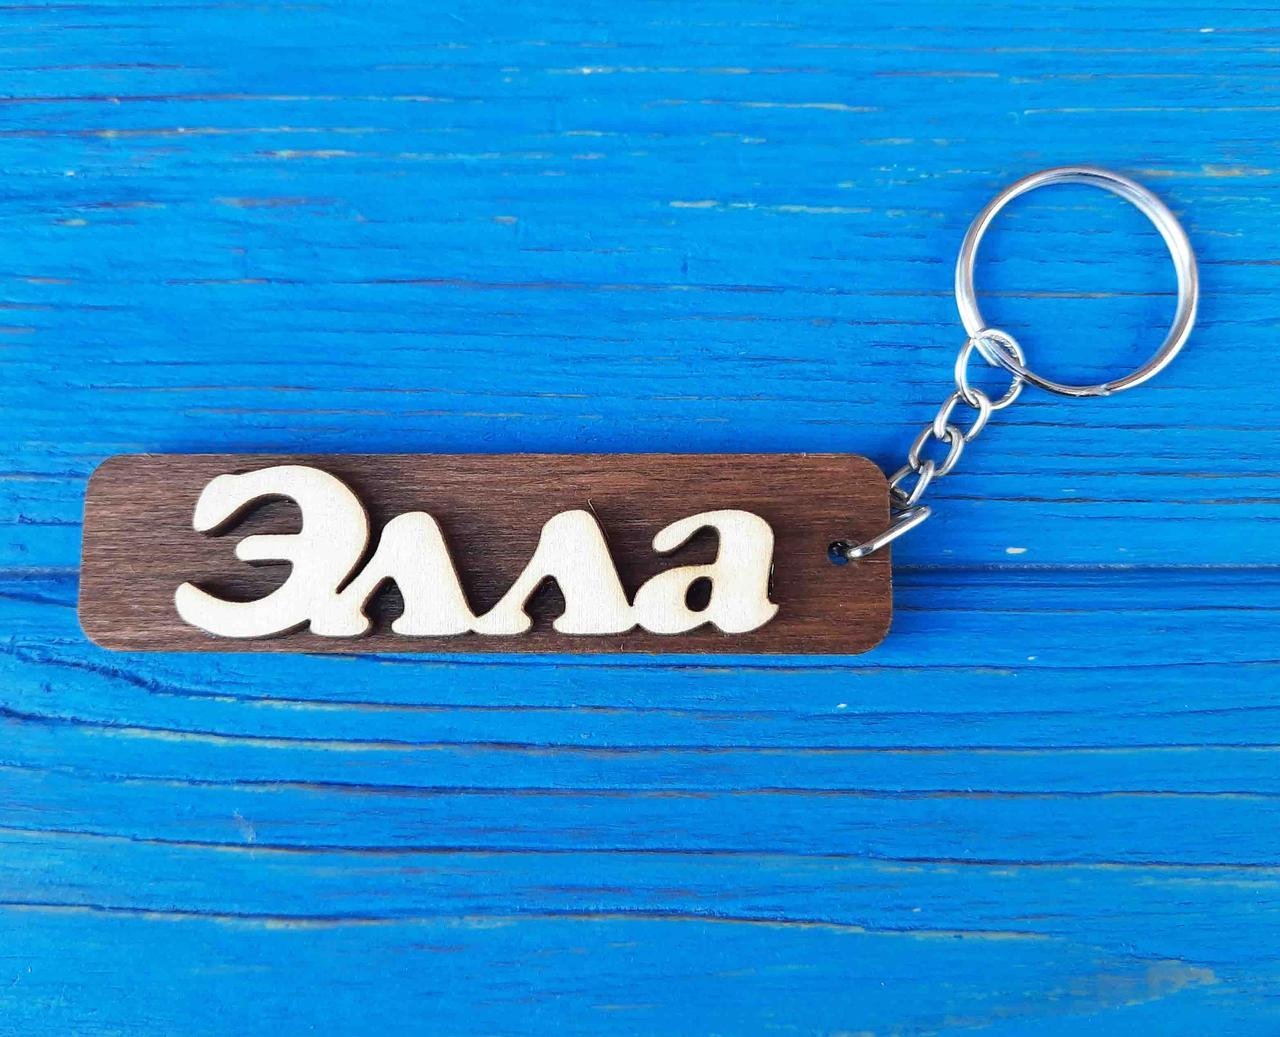 Брелок именной Элла. Брелок с именем Элла. Брелок деревянный. Брелок для ключей. Брелоки с именами